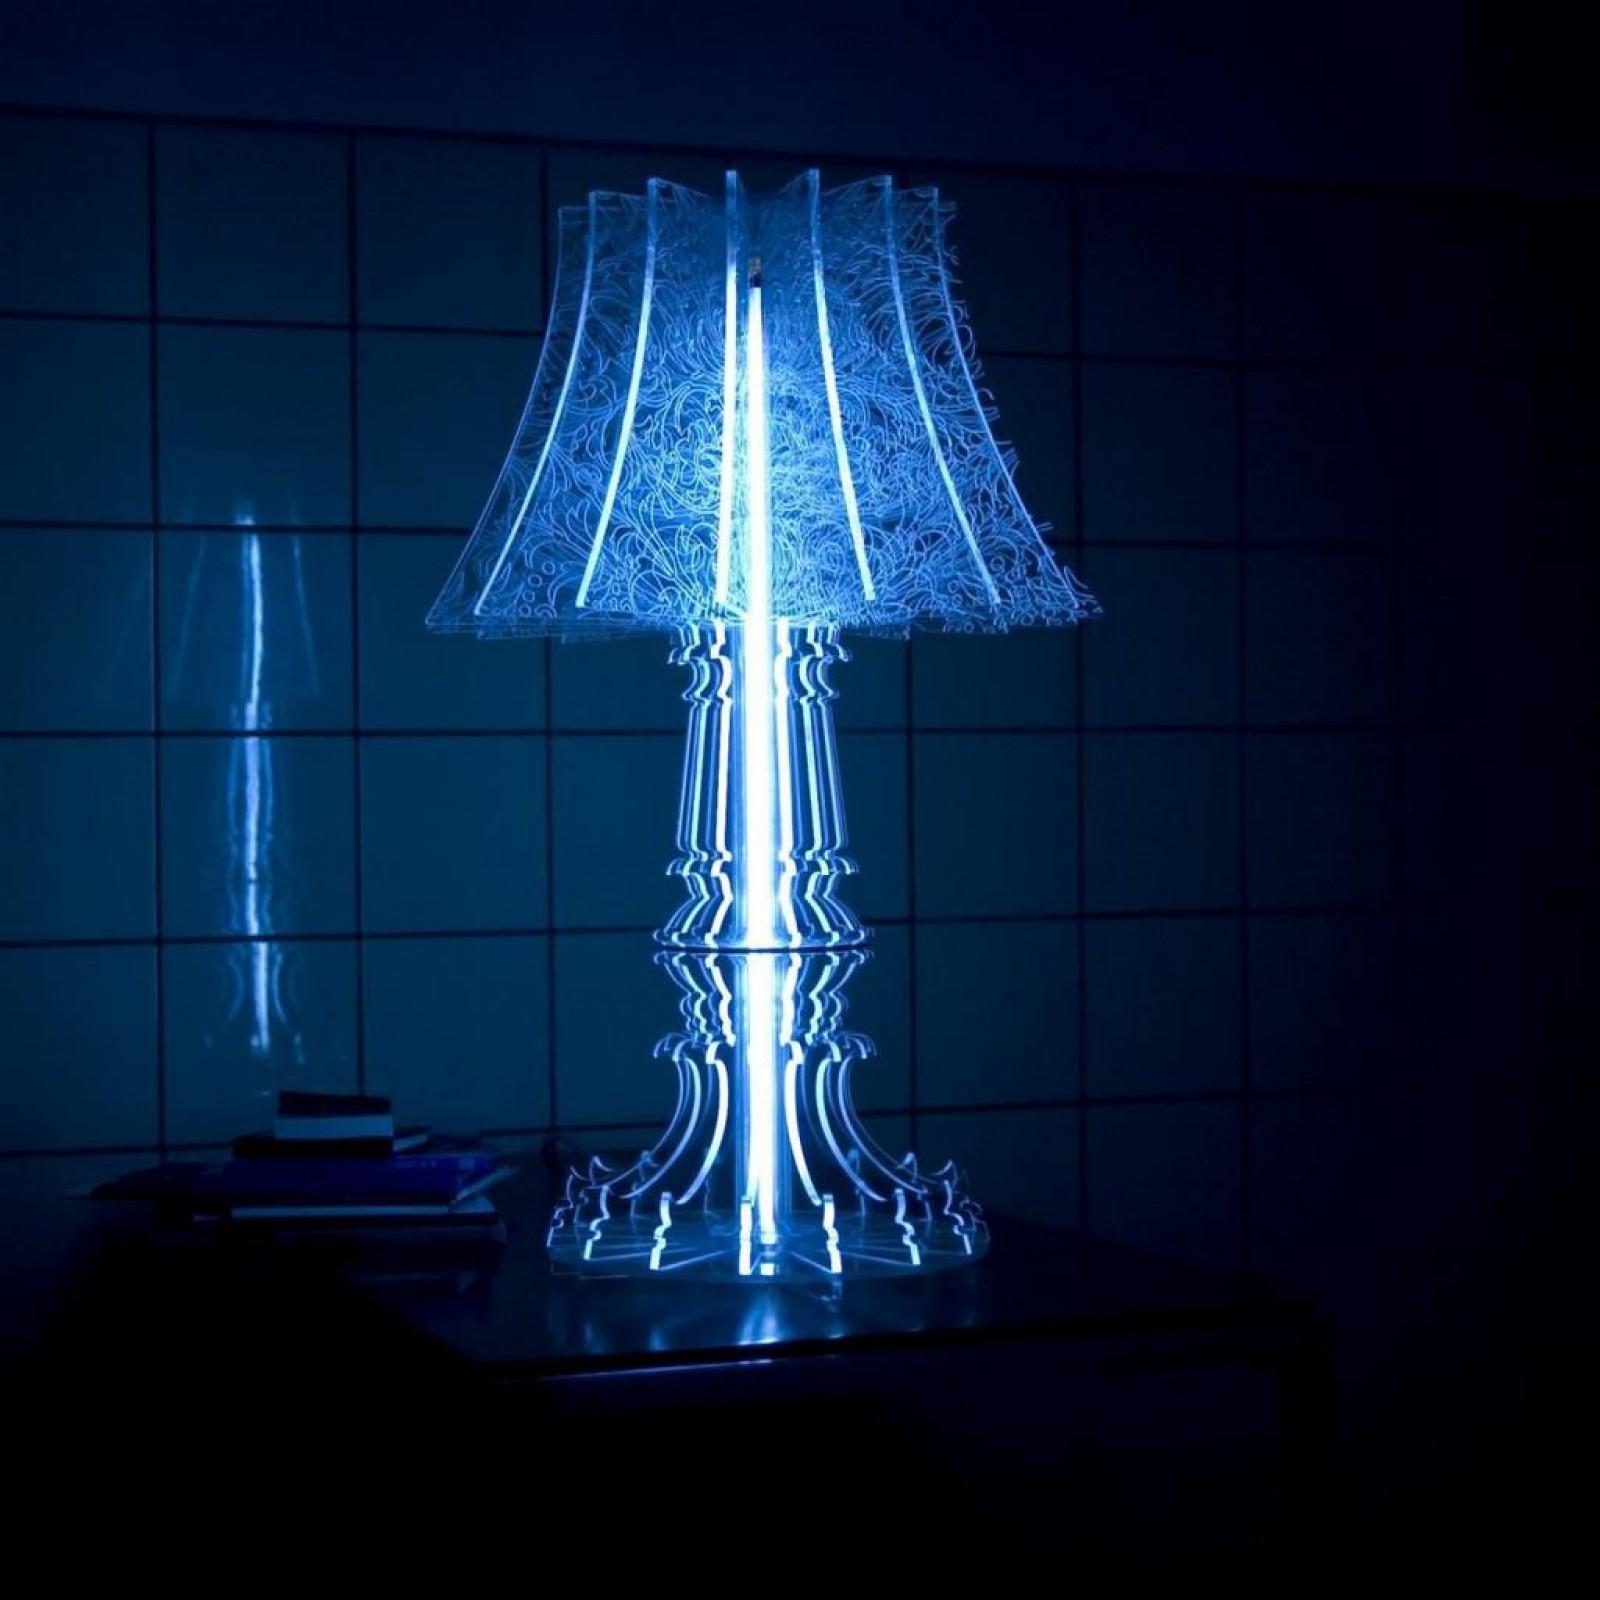 Marie-Louise Engraved Table Lamp - Sander Mulder